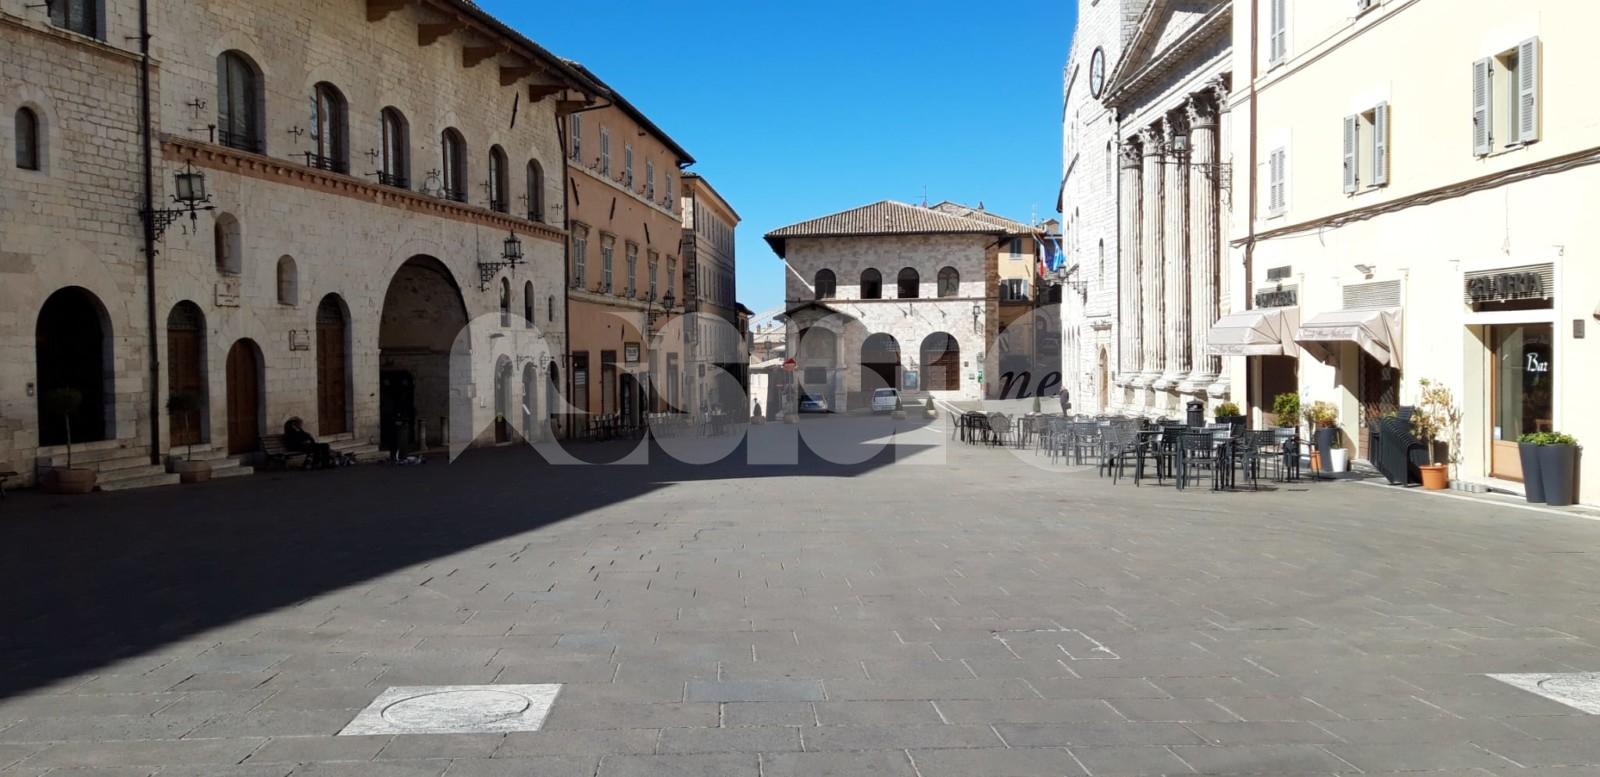 Turismo in crisi per il coronavirus, da Assisi la proposta di una moratoria